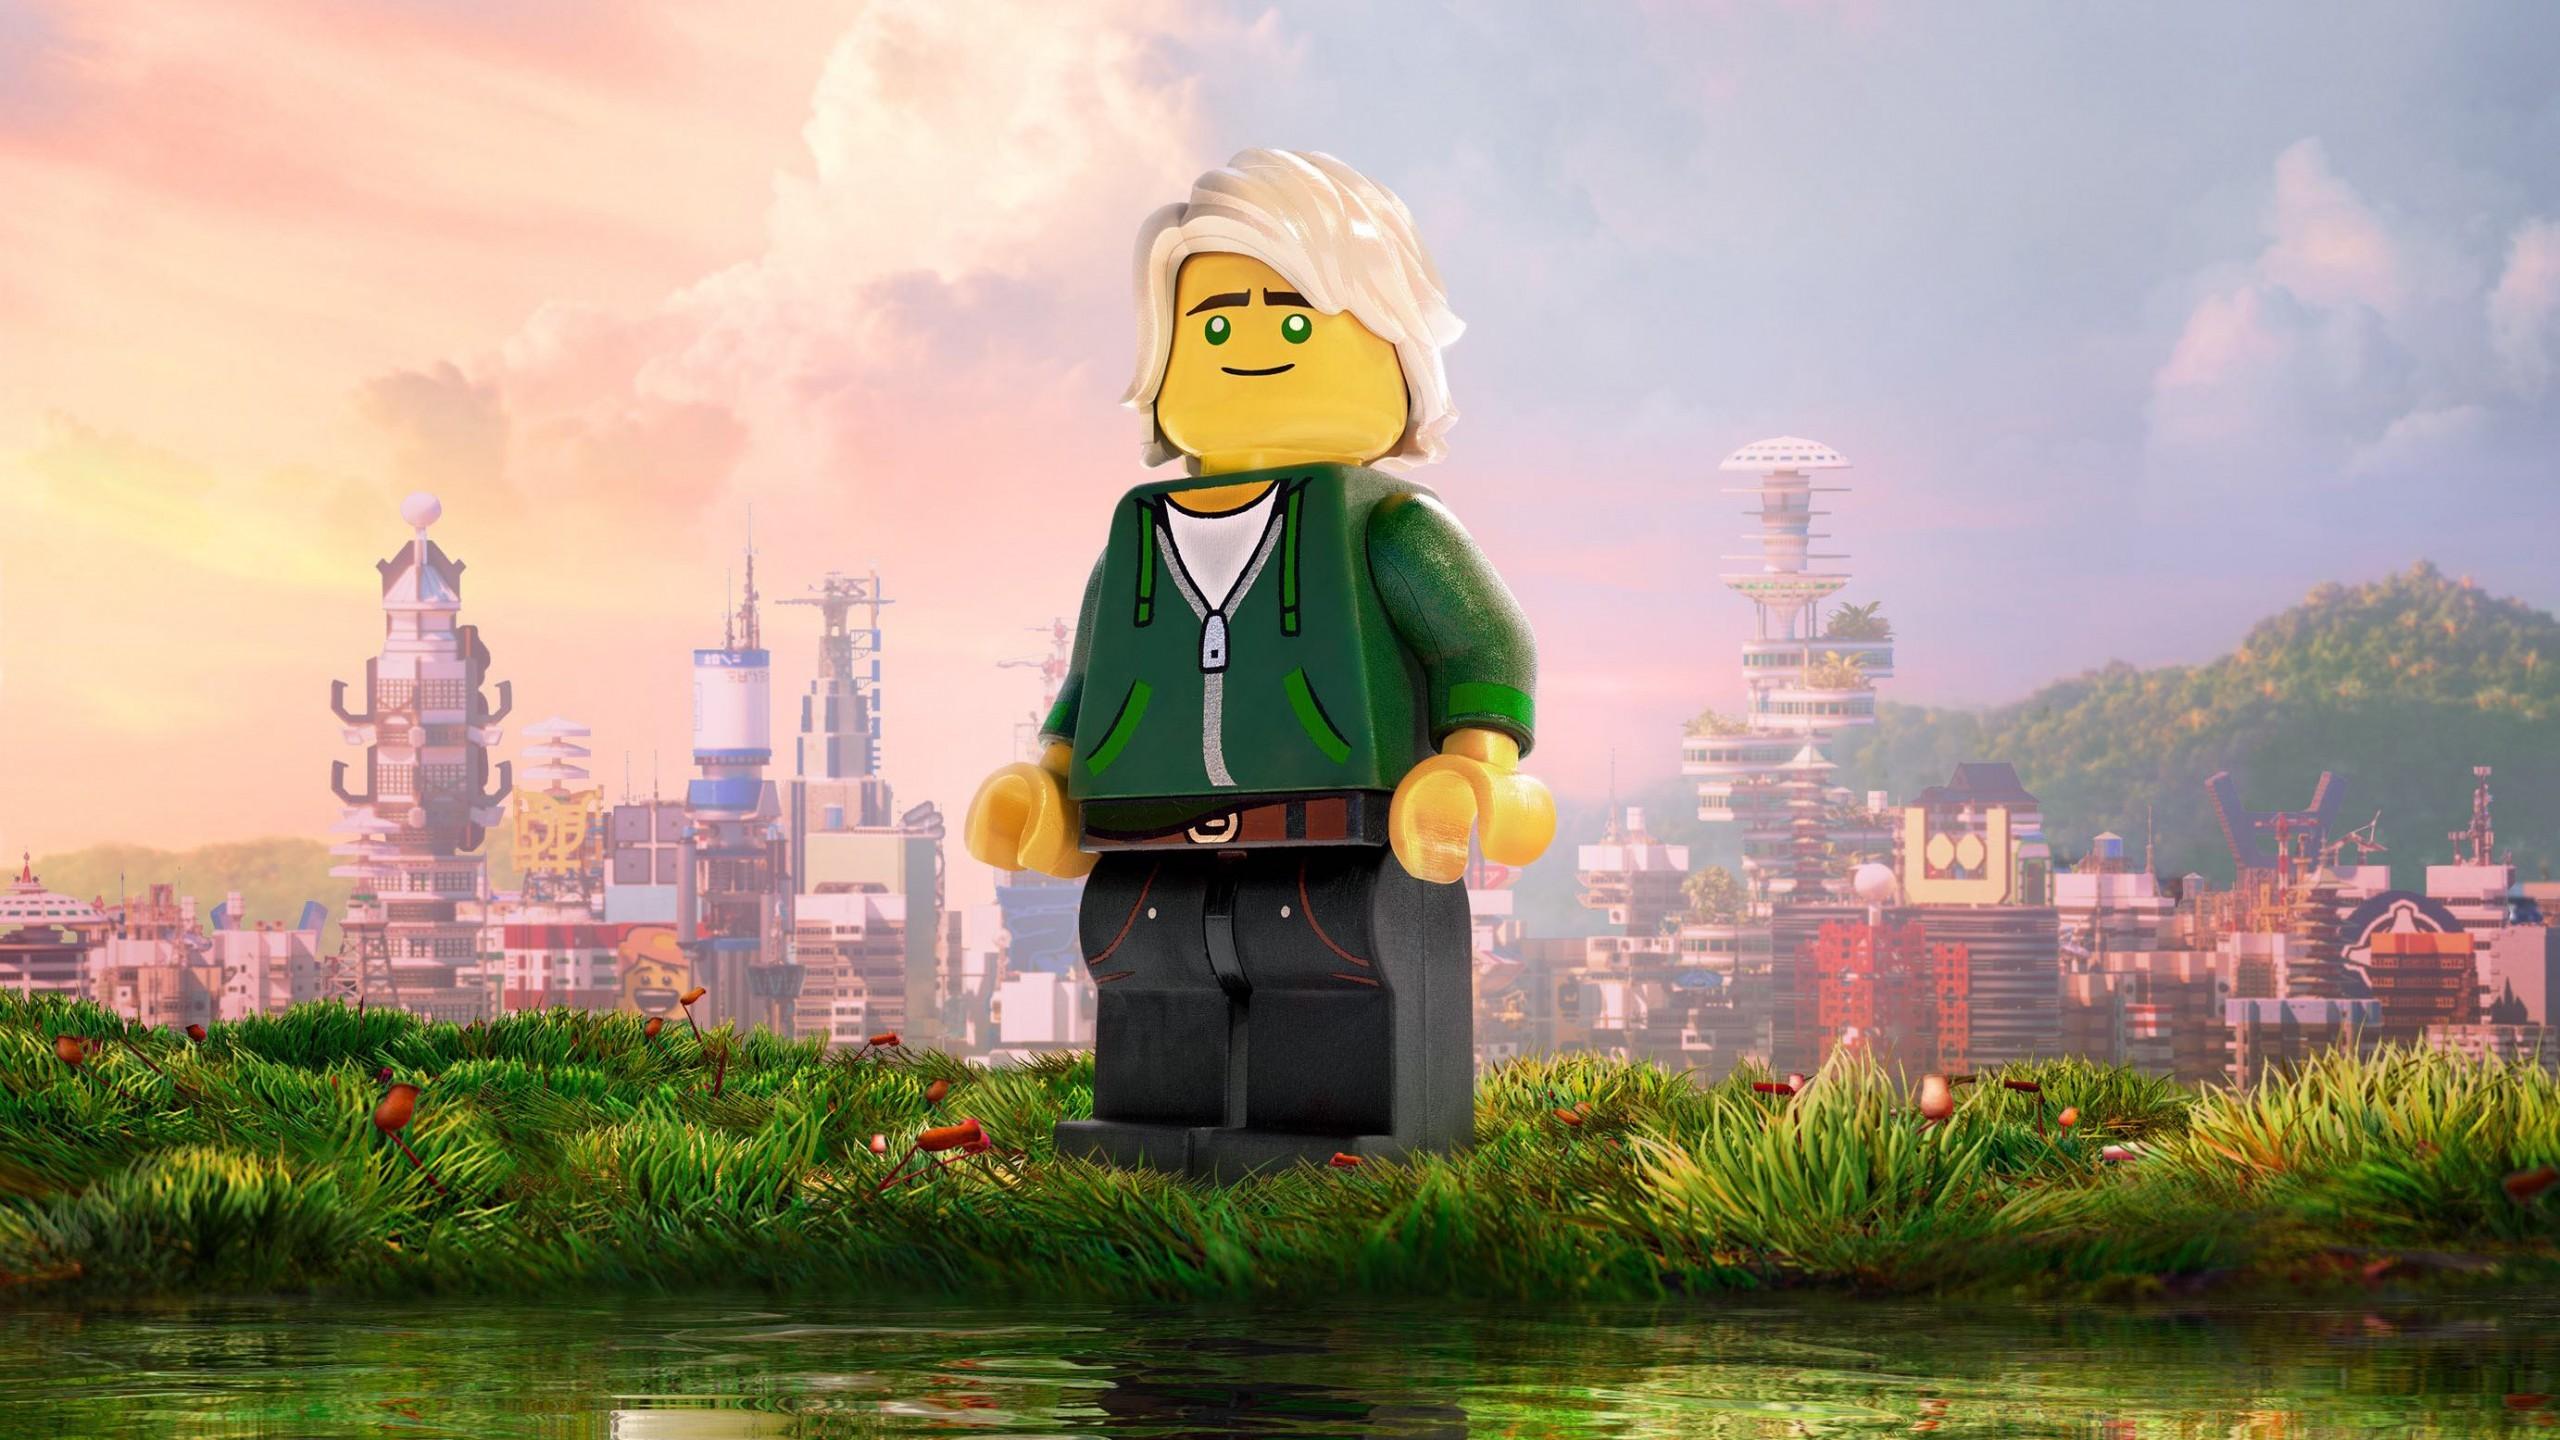 Movies / The LEGO Ninjago Movie Wallpaper